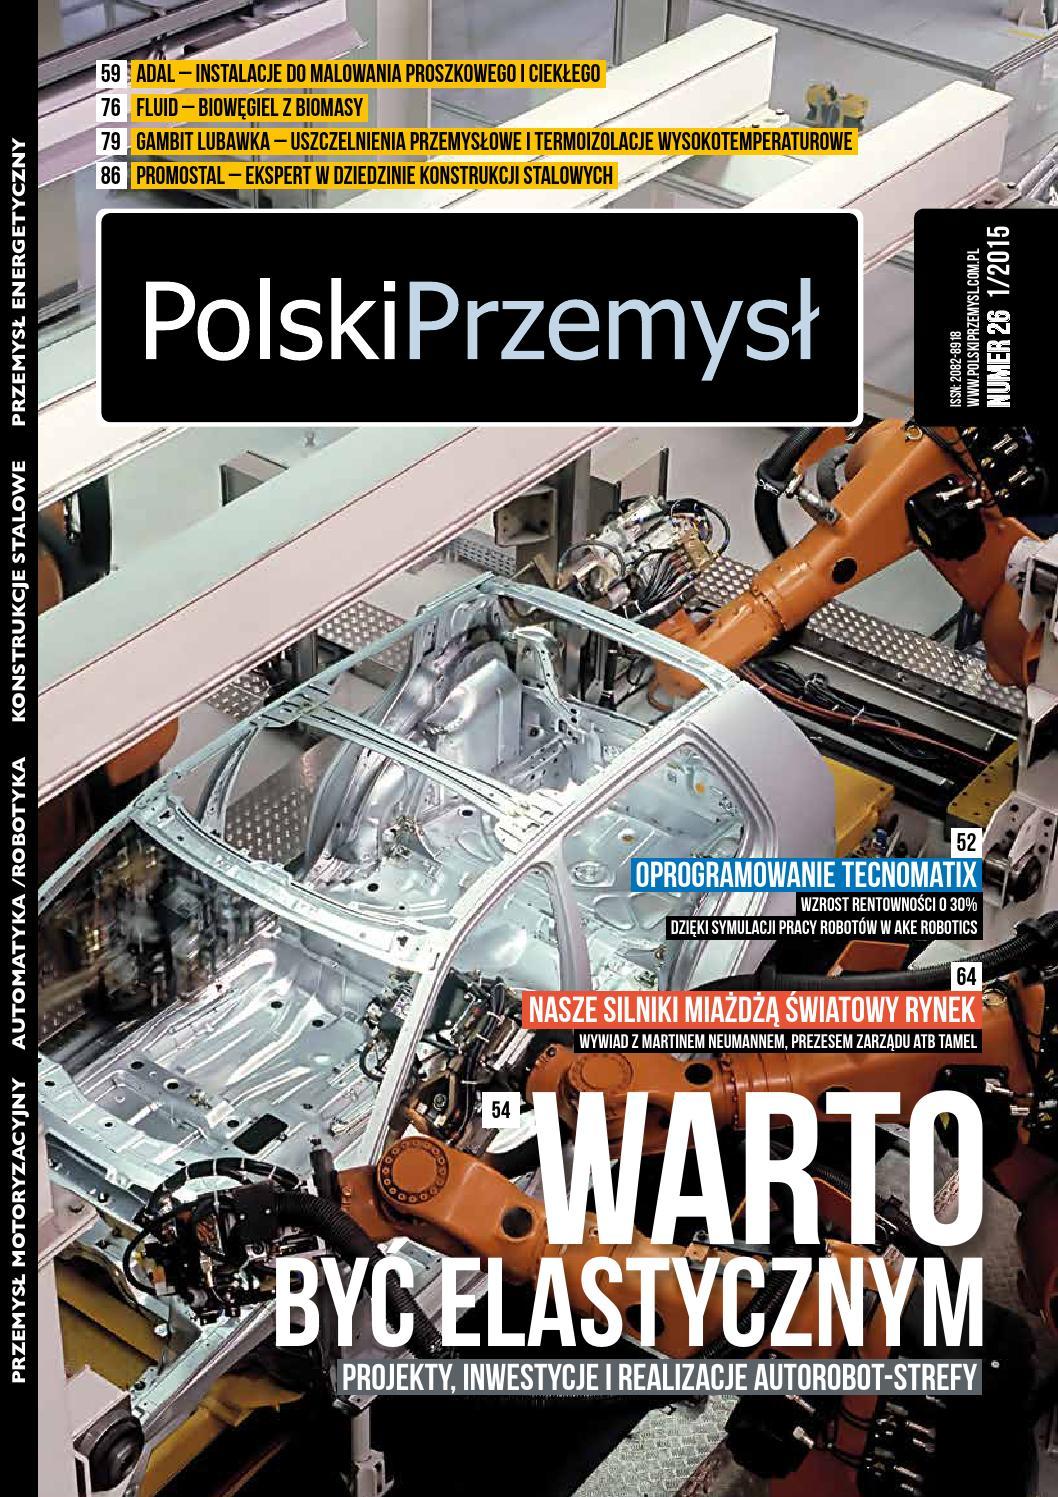 Polski Przemysł 12015 Wydanie 26 By Af Media Issuu